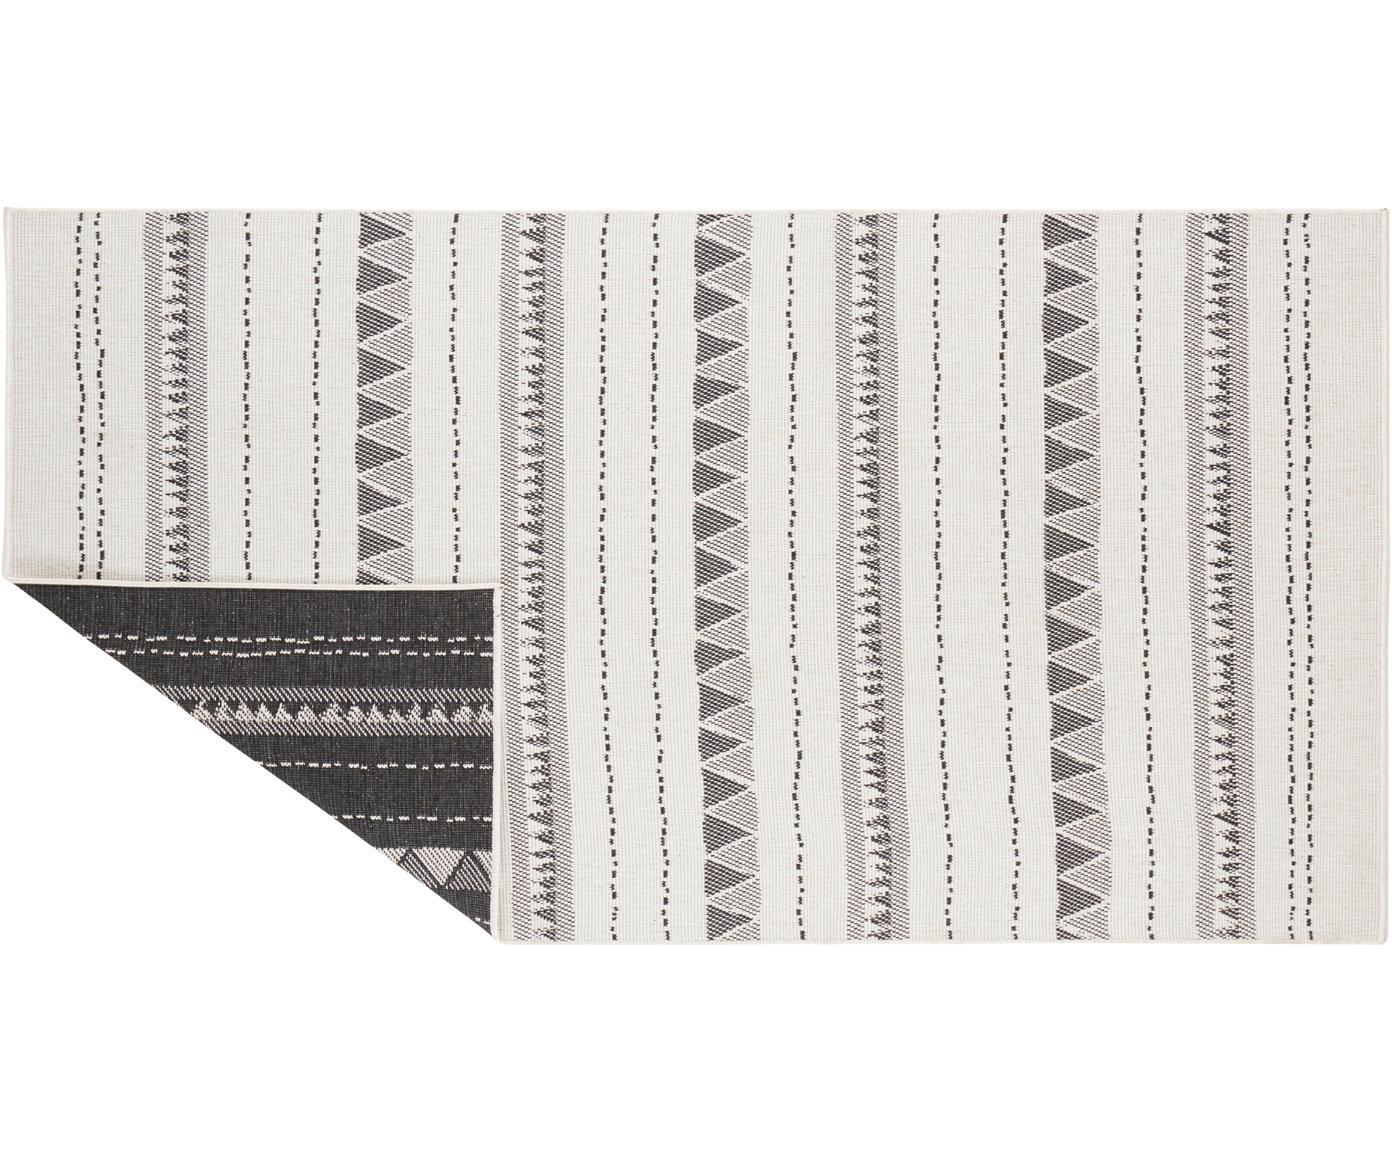 Dubbelzijdig in- & outdoor vloerkleed Bahamas, Polypropyleen, Zwart, crèmekleurig, B 80 x L 150 cm (maat XS)